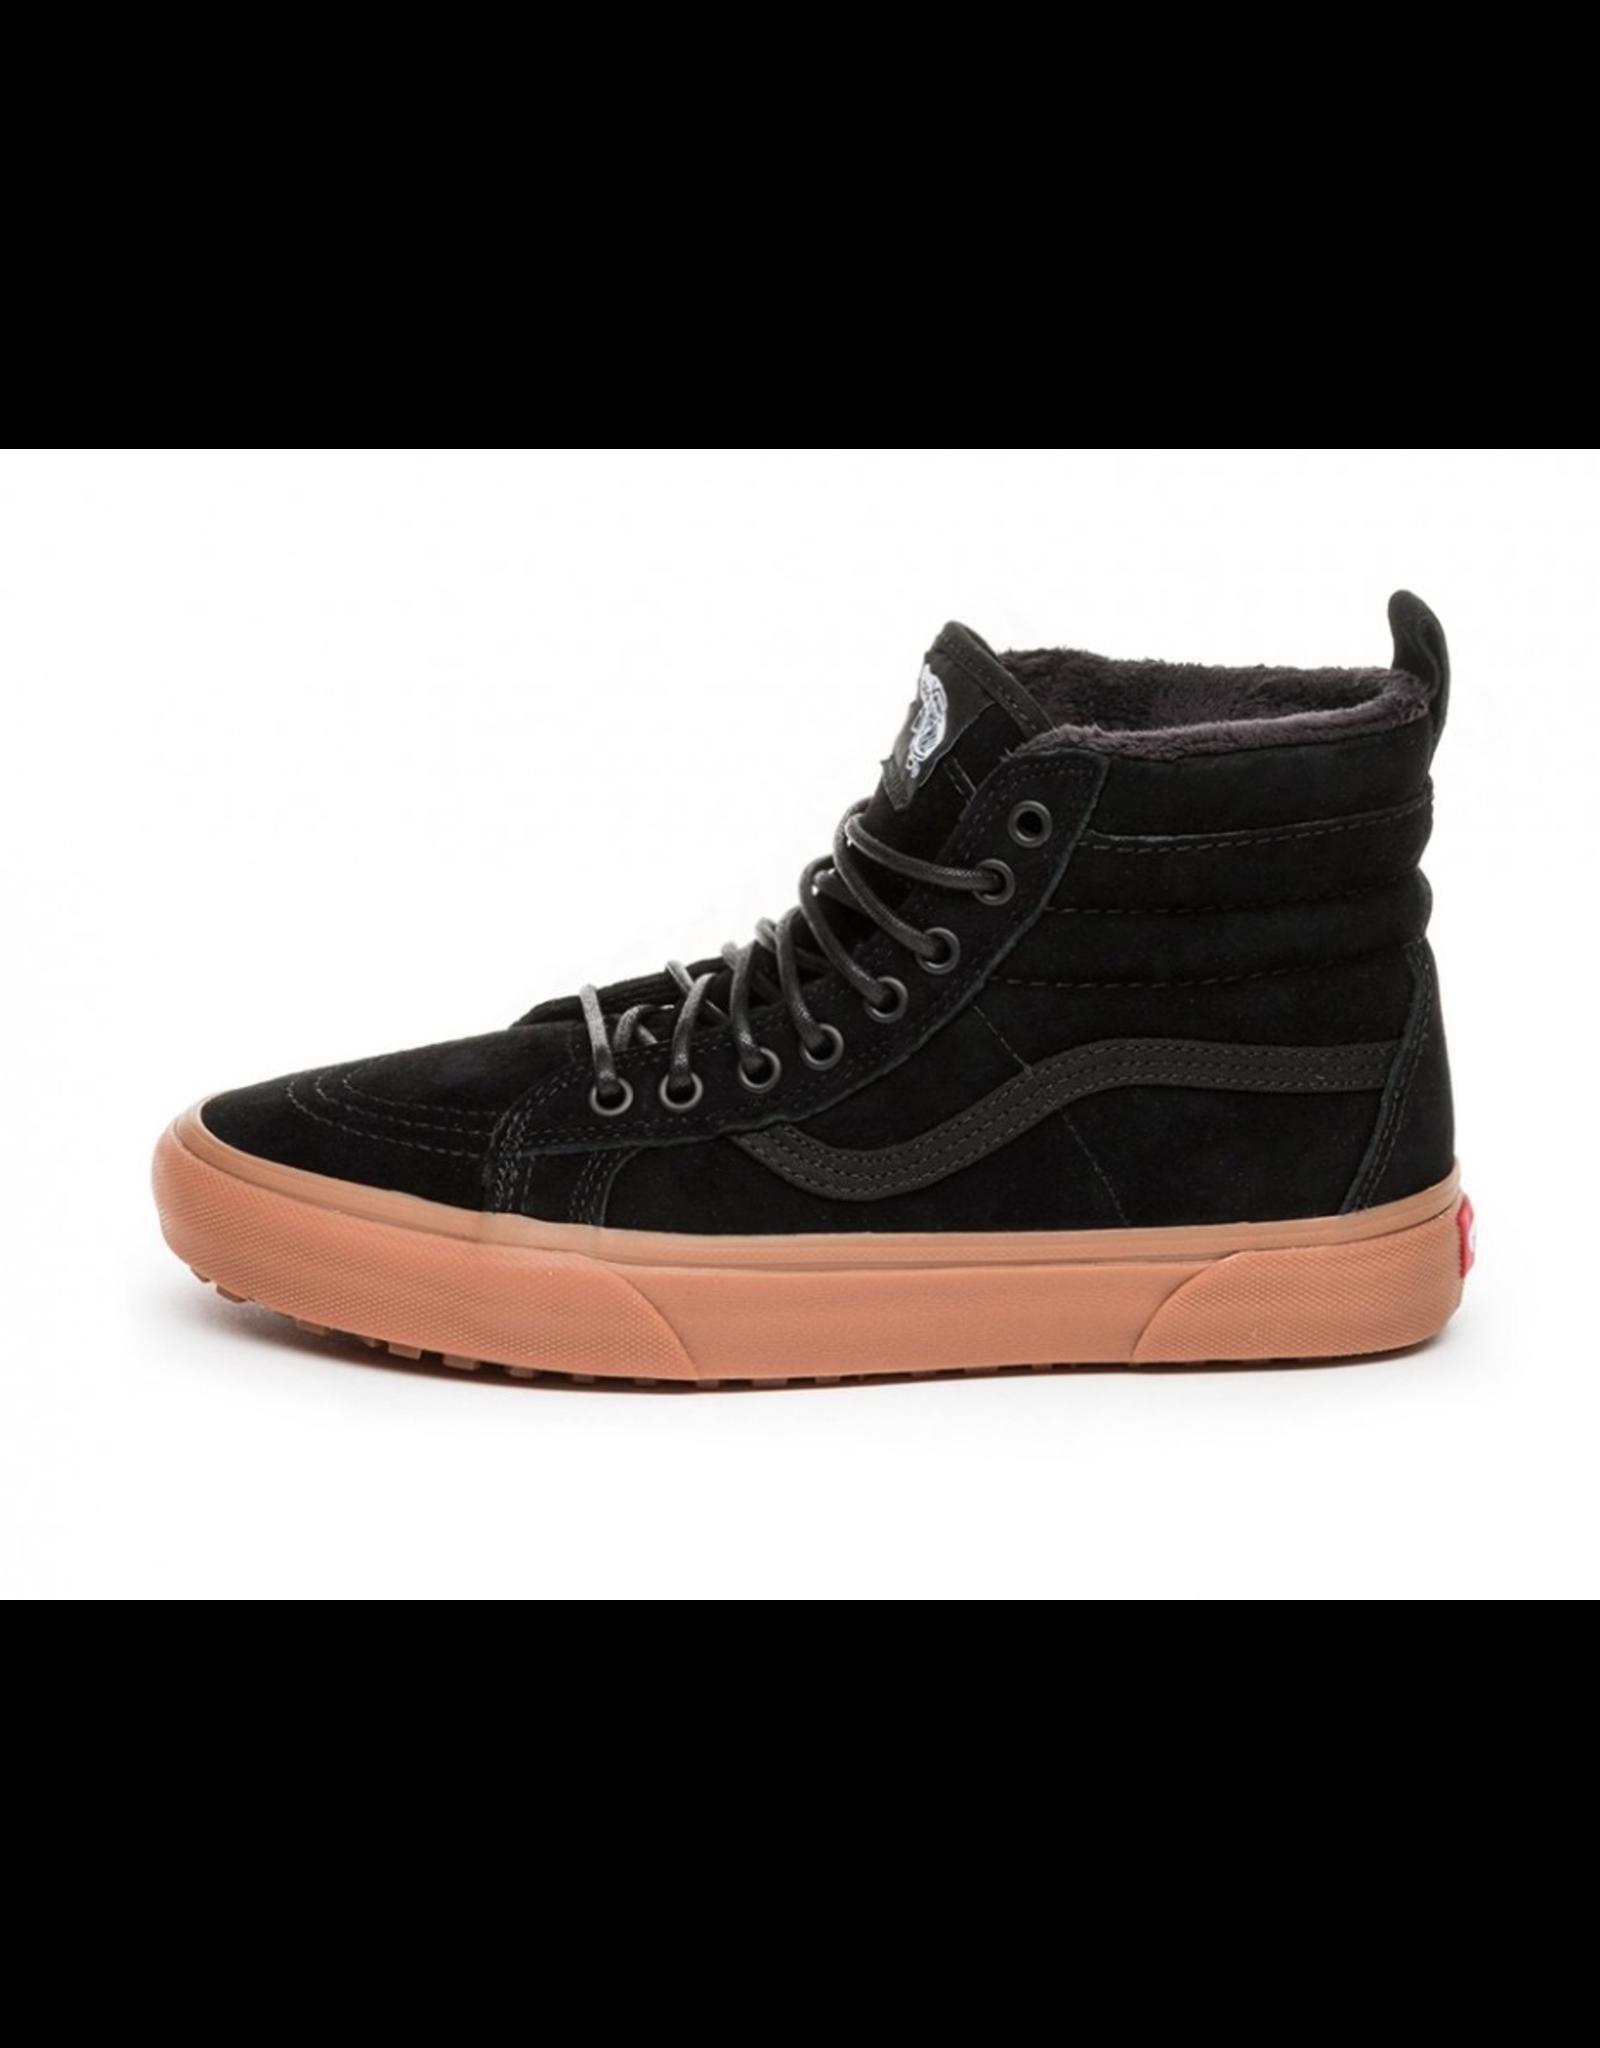 Vans Sk8-Hi MTE - Black / Gum